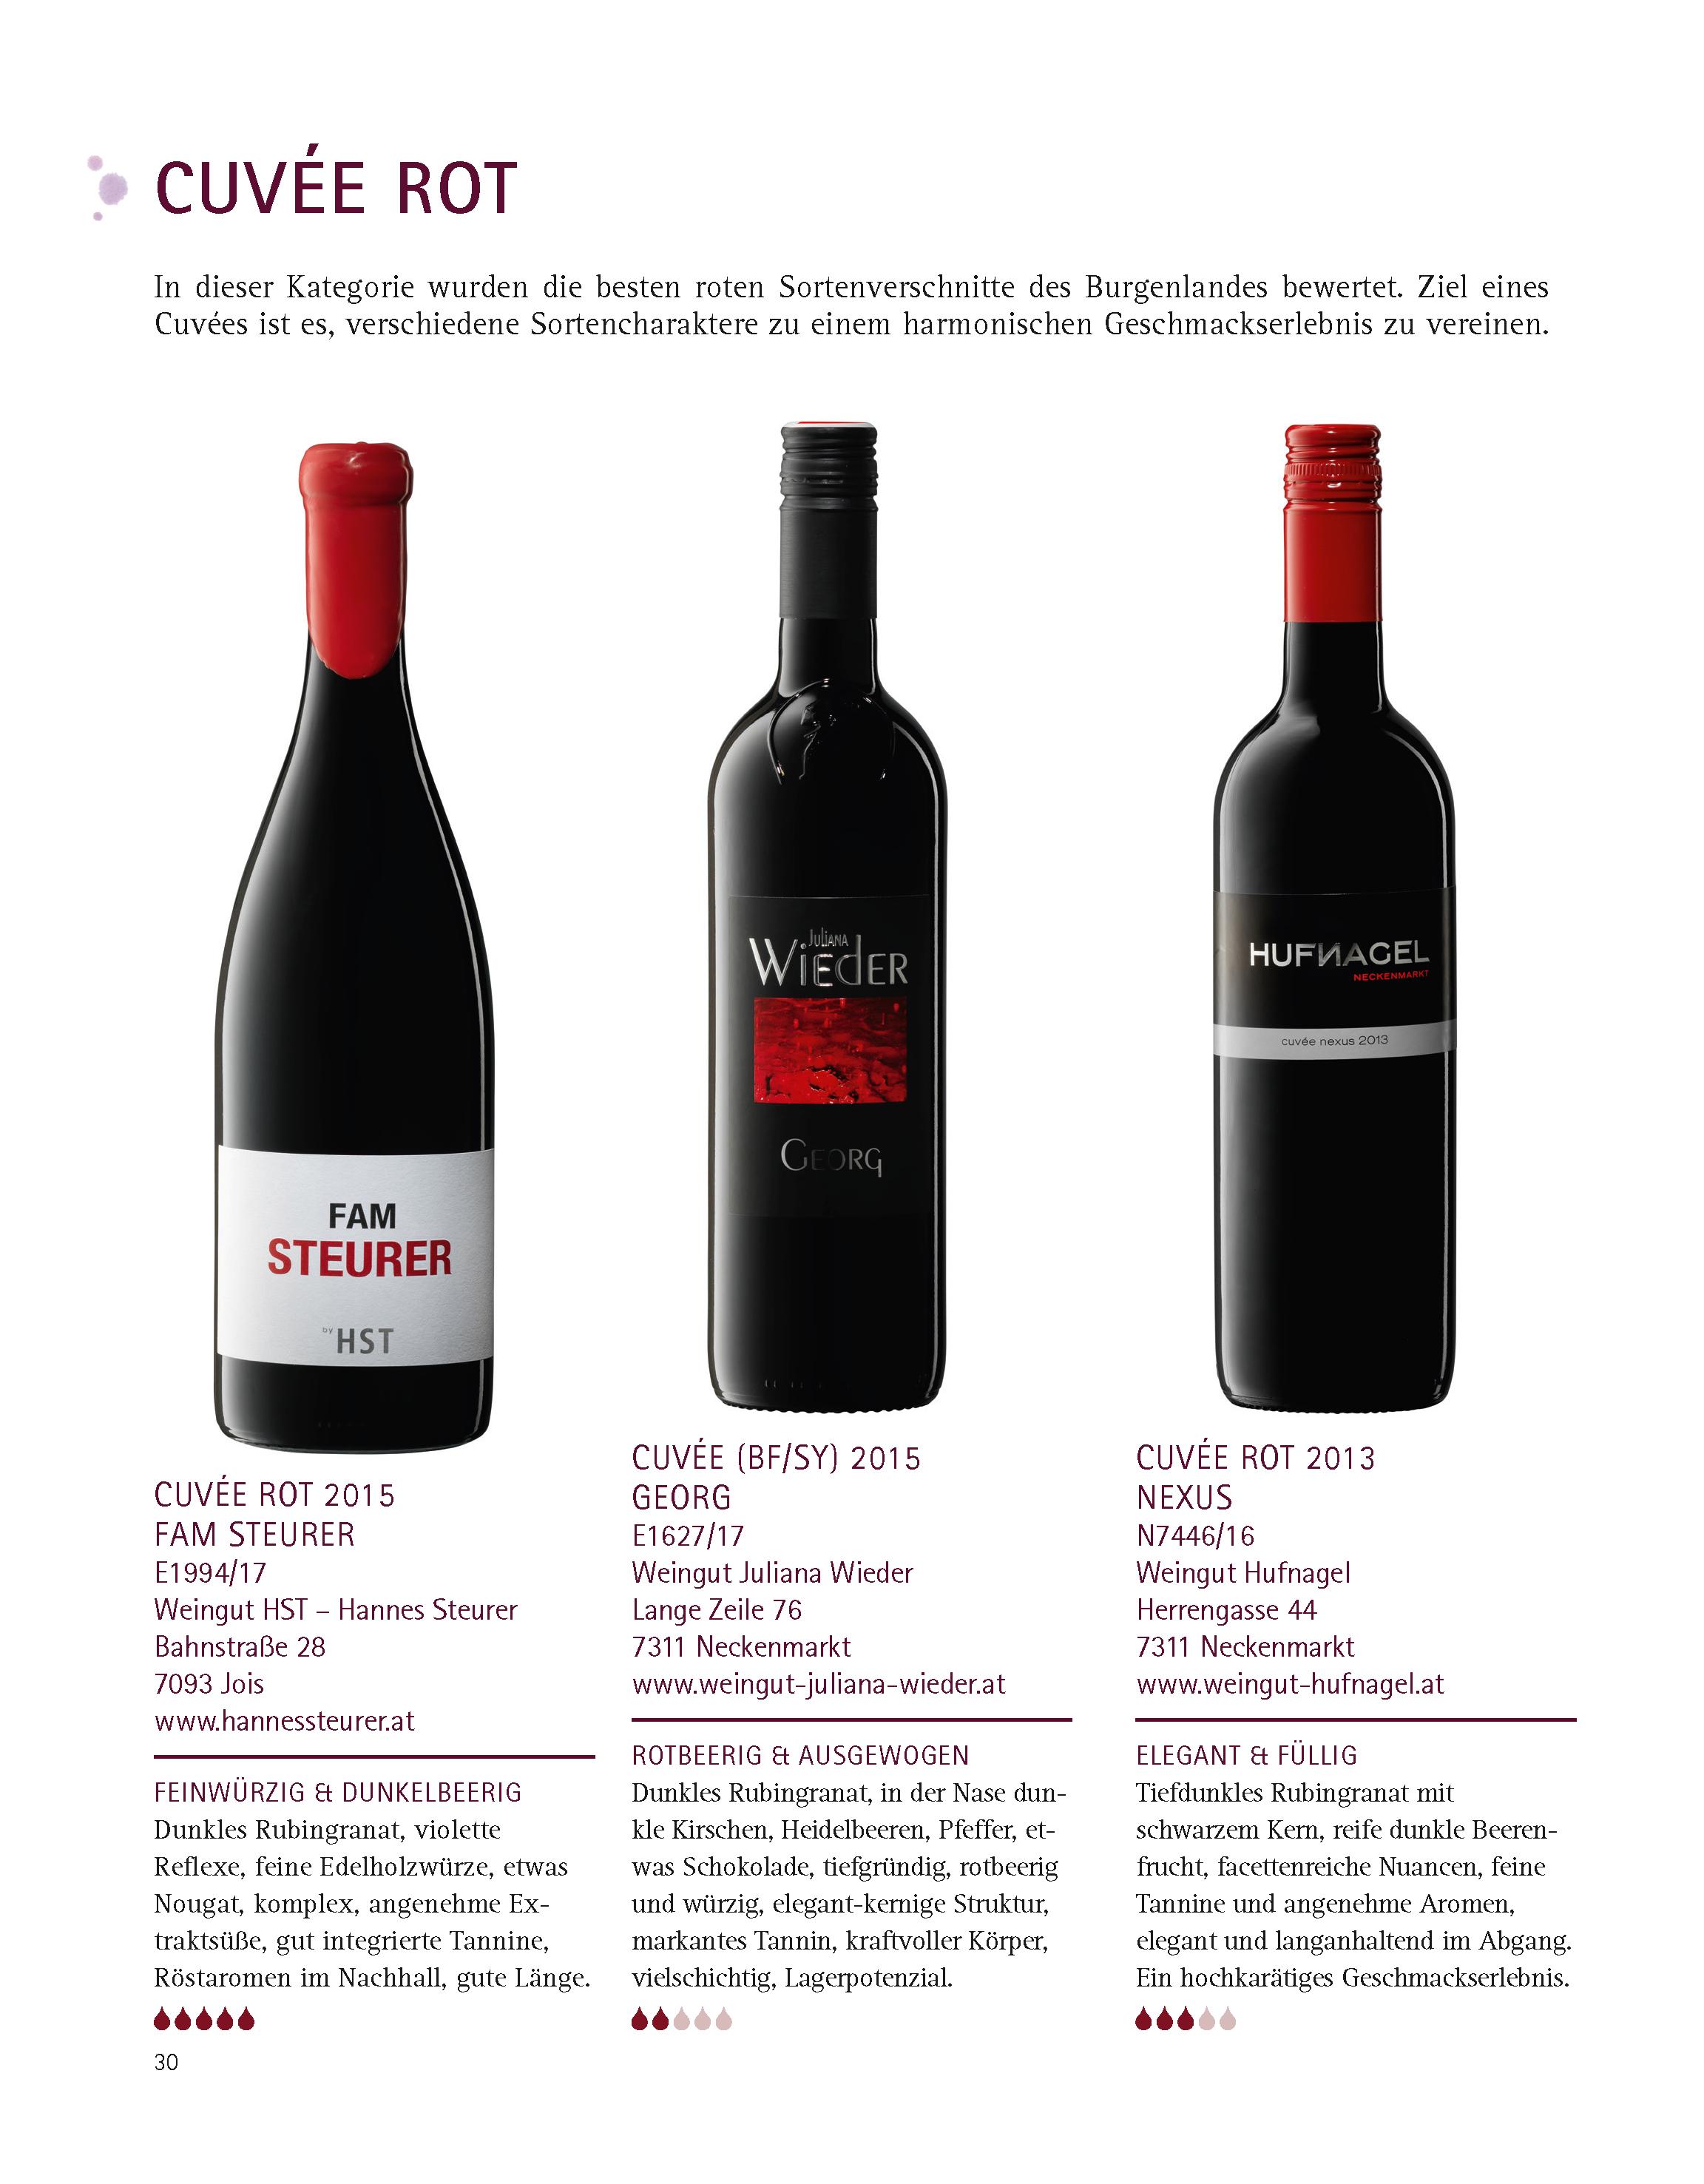 """Cuvée rot FAM STEURER – 3. Bundessieger in der Kategorie """"Cuvée rot"""" bei der Weinprämierung BEST OF BURGENLAND"""